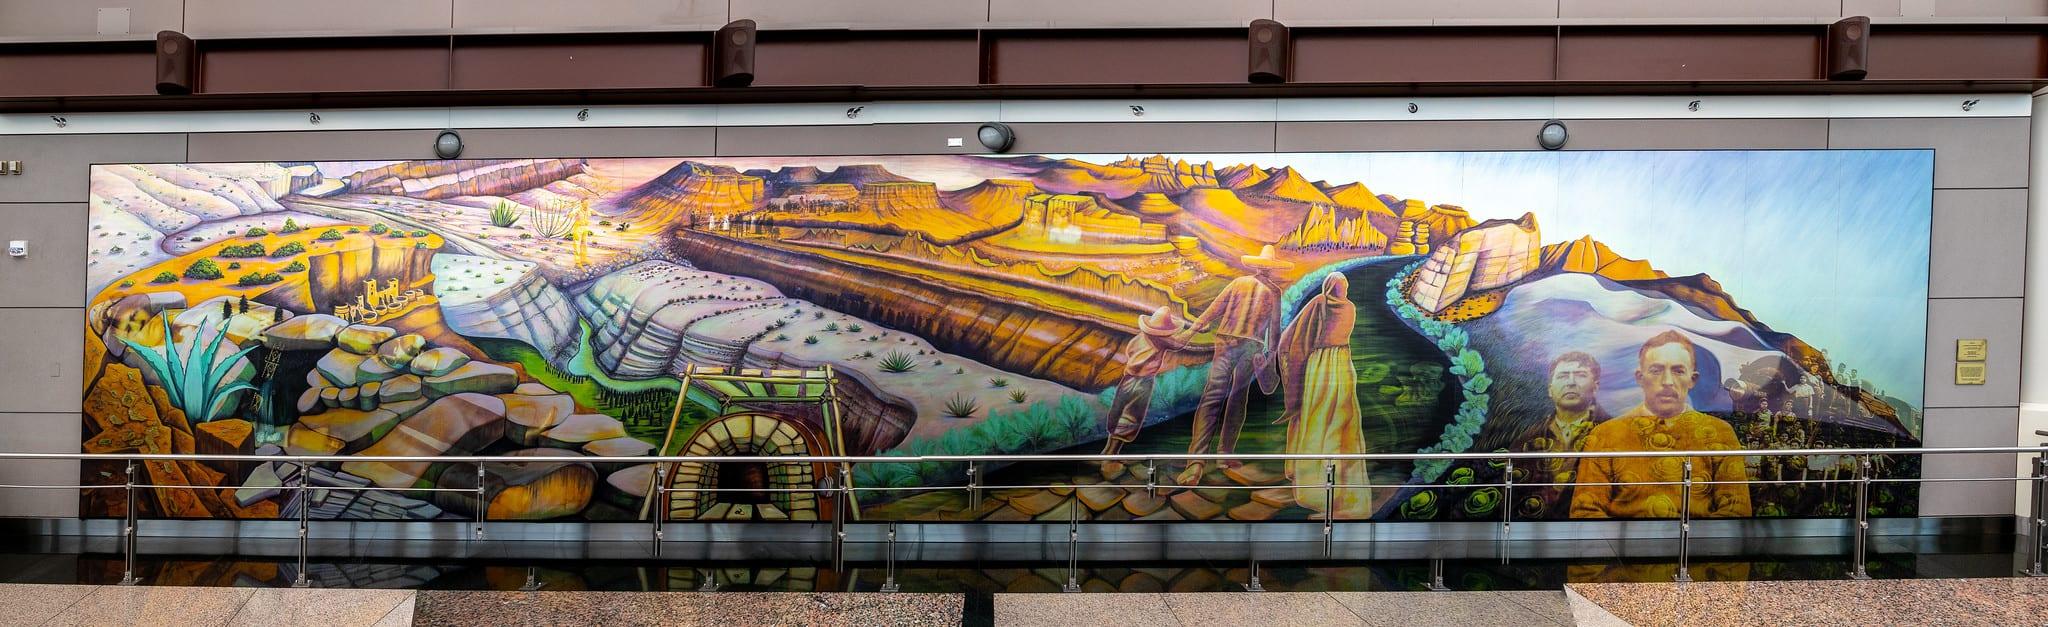 gambar mural seni di bandara internasional denver